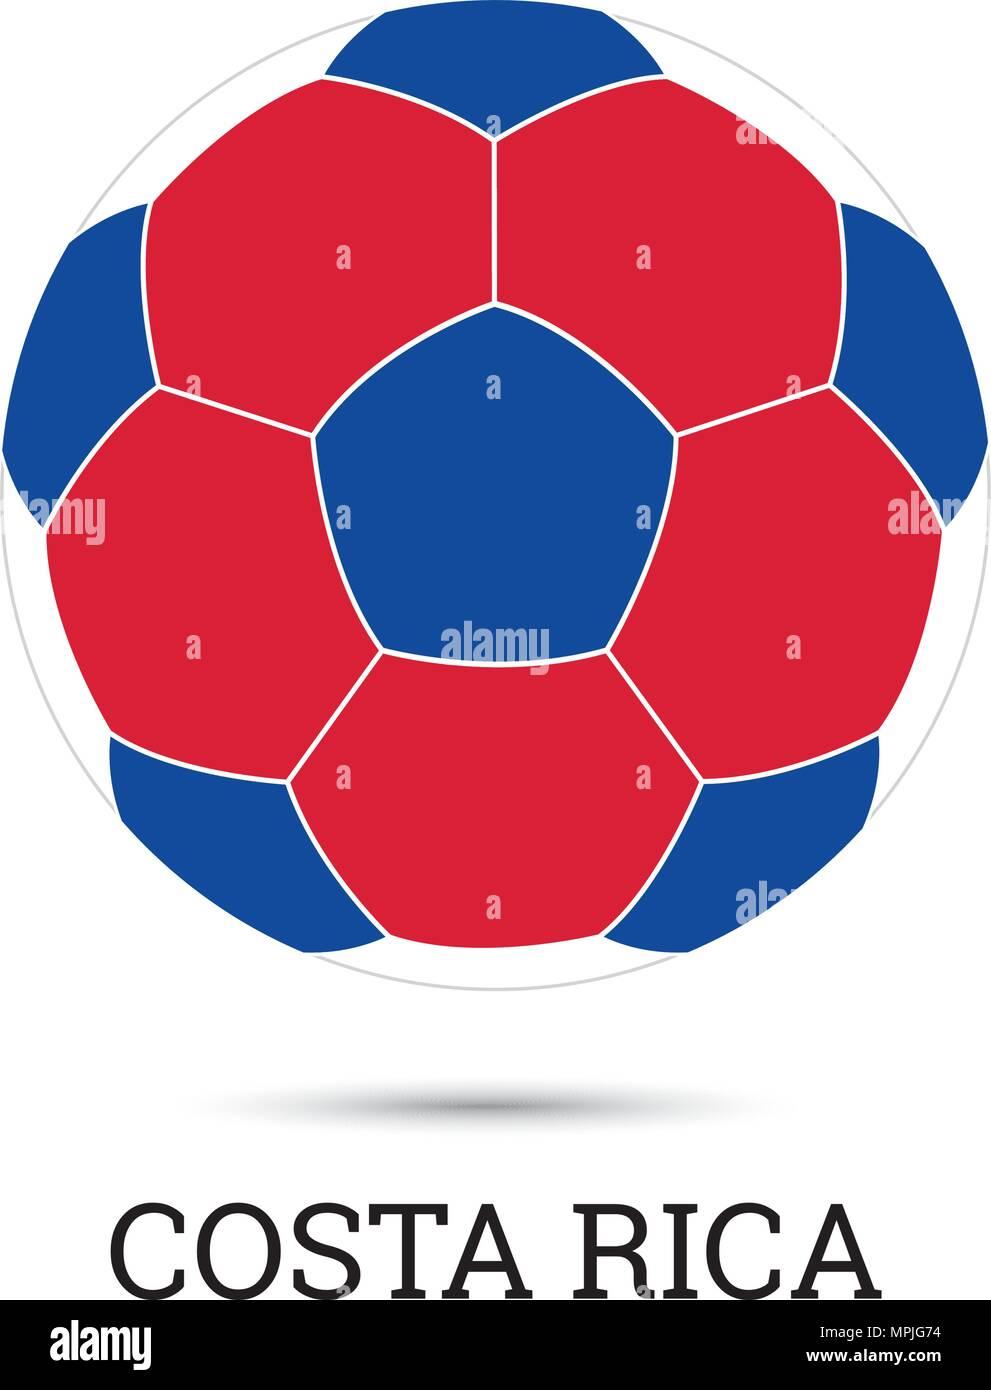 Balón de fútbol con los colores y el emblema nacional costarricense  ilustración vectorial Imagen De Stock e891adde4bb8b